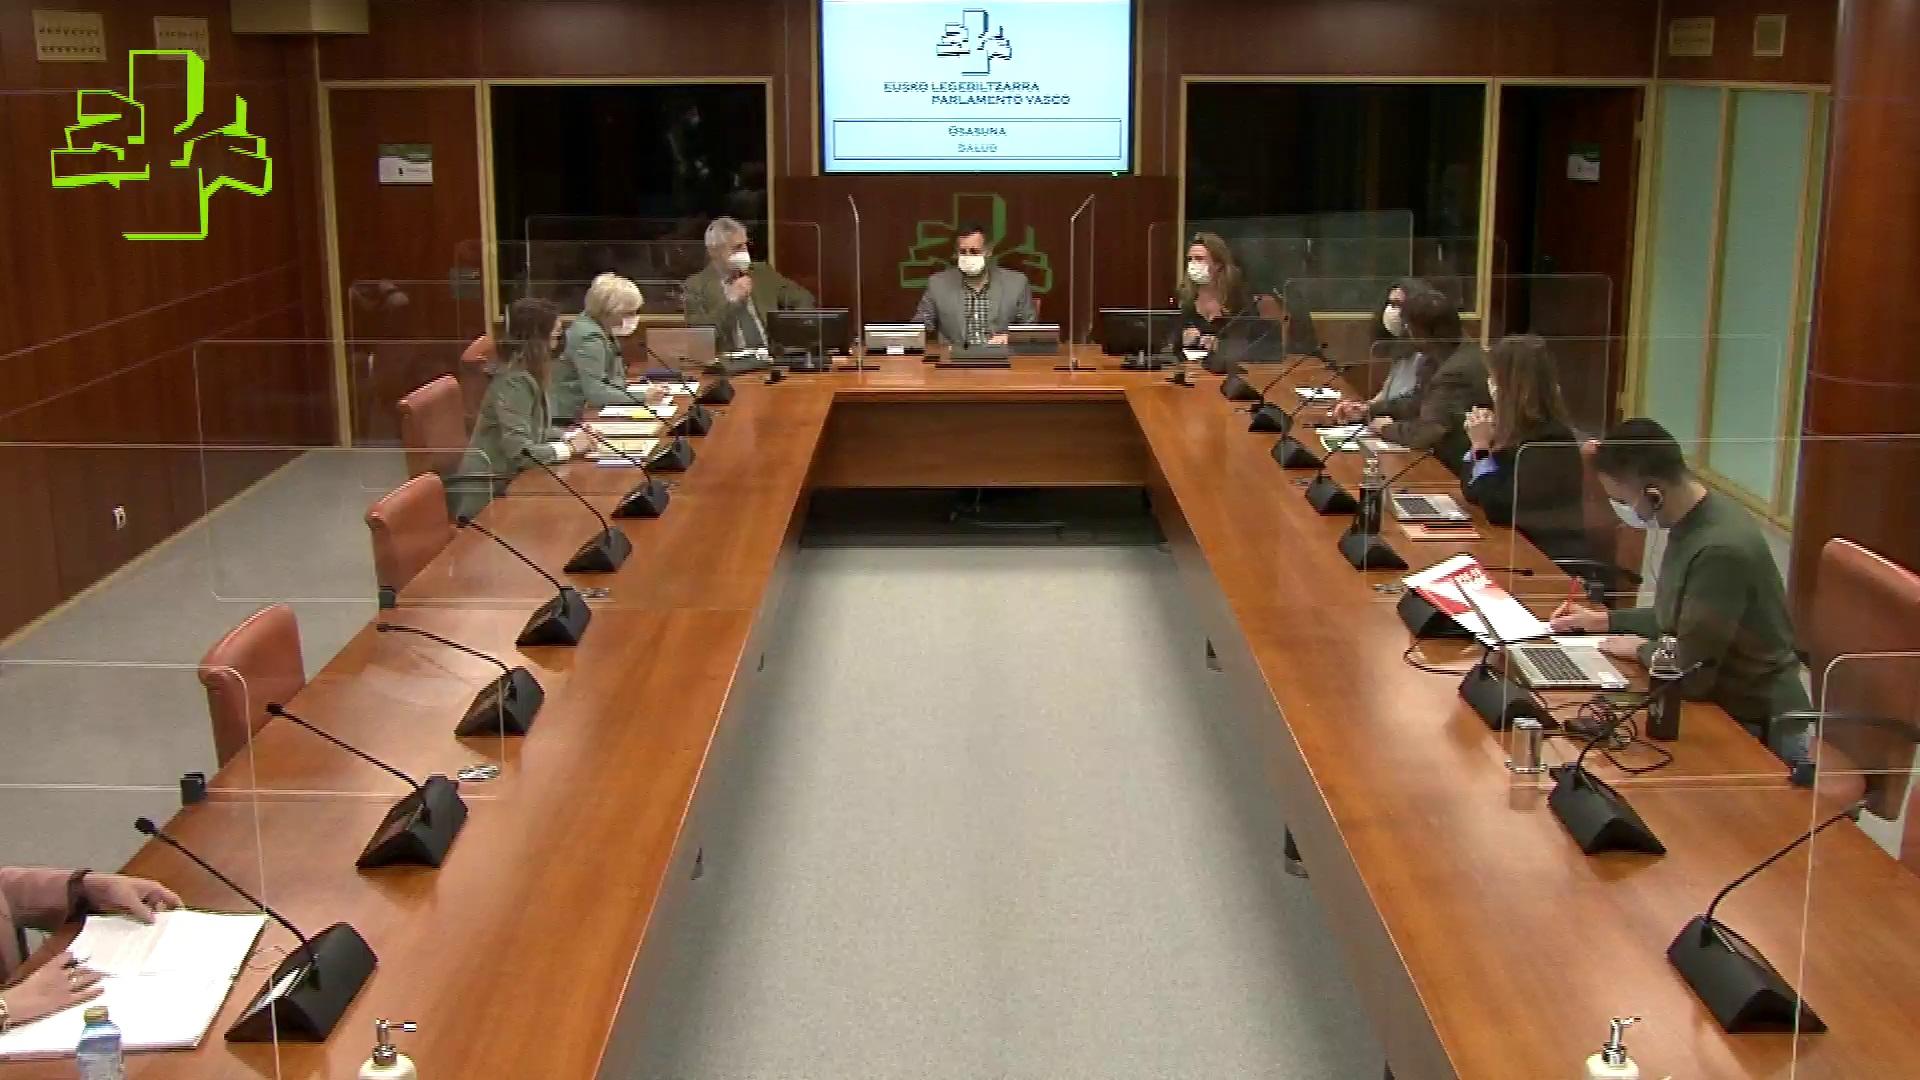 Comisión de Salud: la Consejera informa sobre la evolución de la pandemia (13/01/2021)  [71:01]